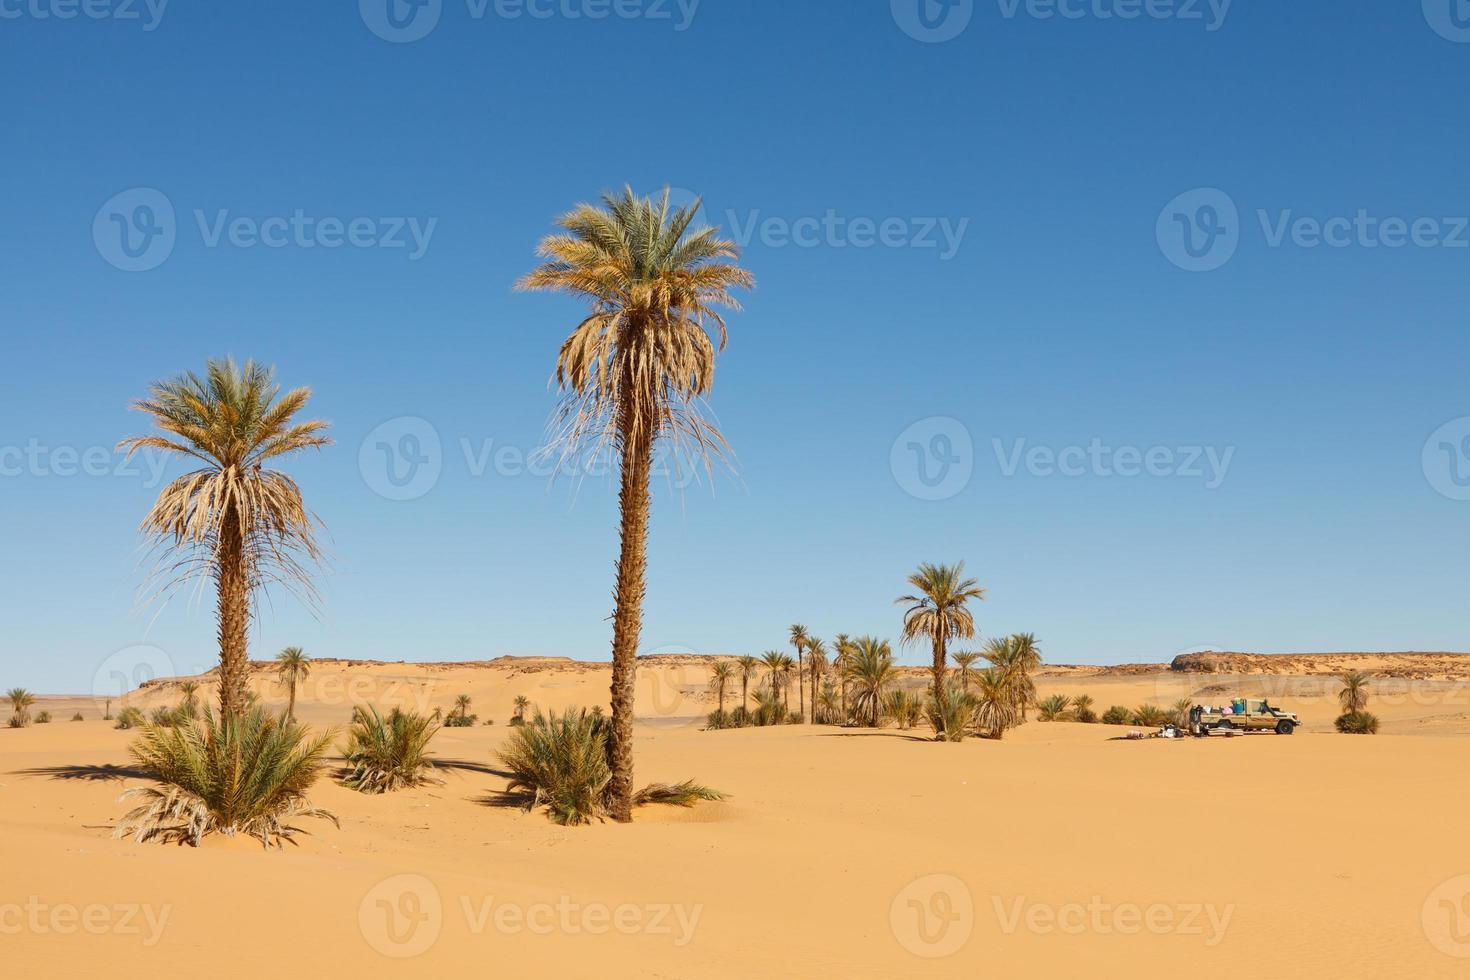 Truck in the Desert photo